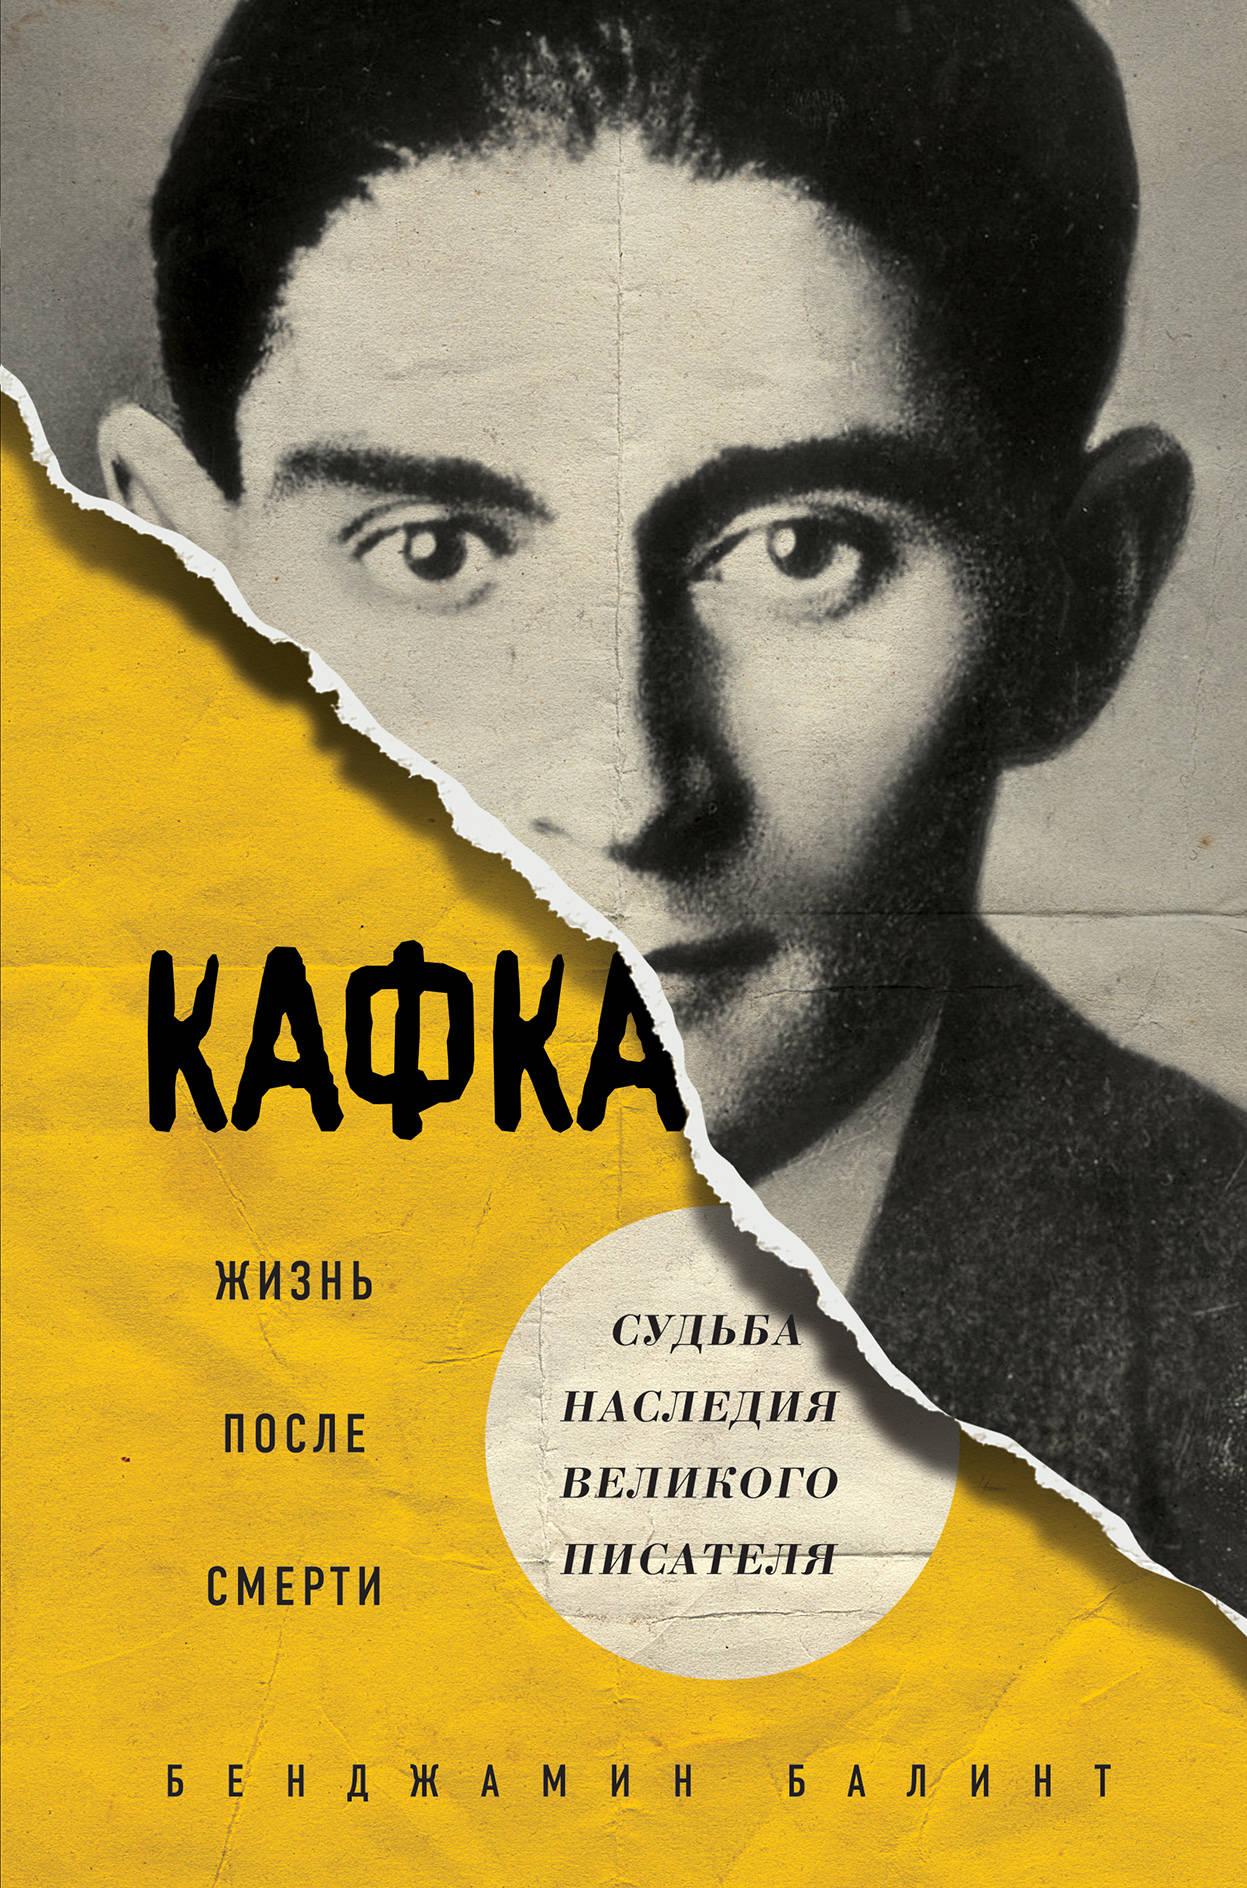 Бенджамин Балинт Кафка. Жизнь после смерти. Судьба наследия великого писателя